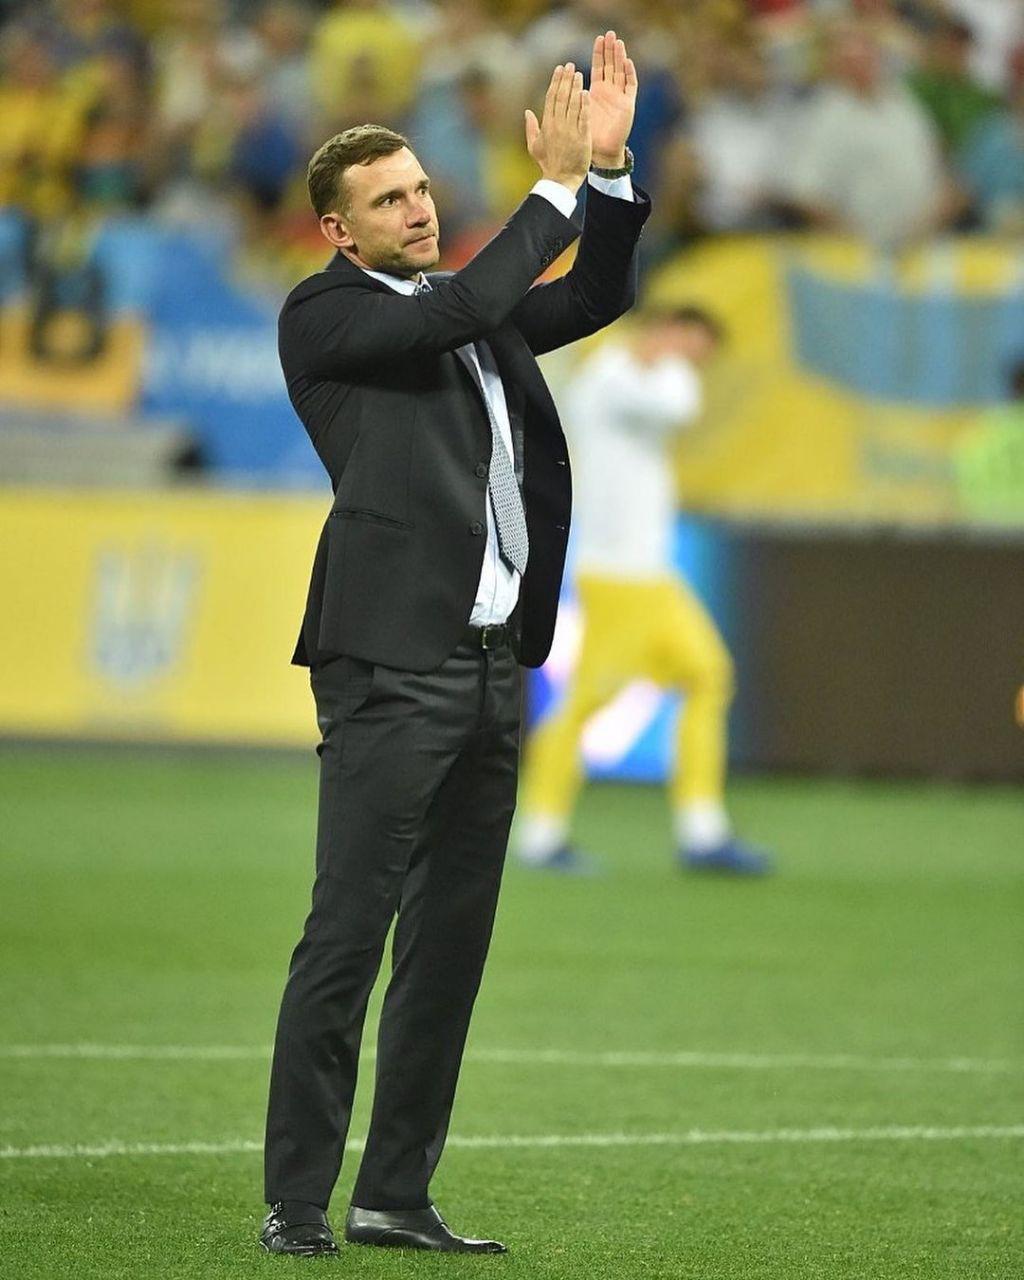 Андрей Шевченко: биография футболиста, сколько лет, семья, где живет, карьера, голы